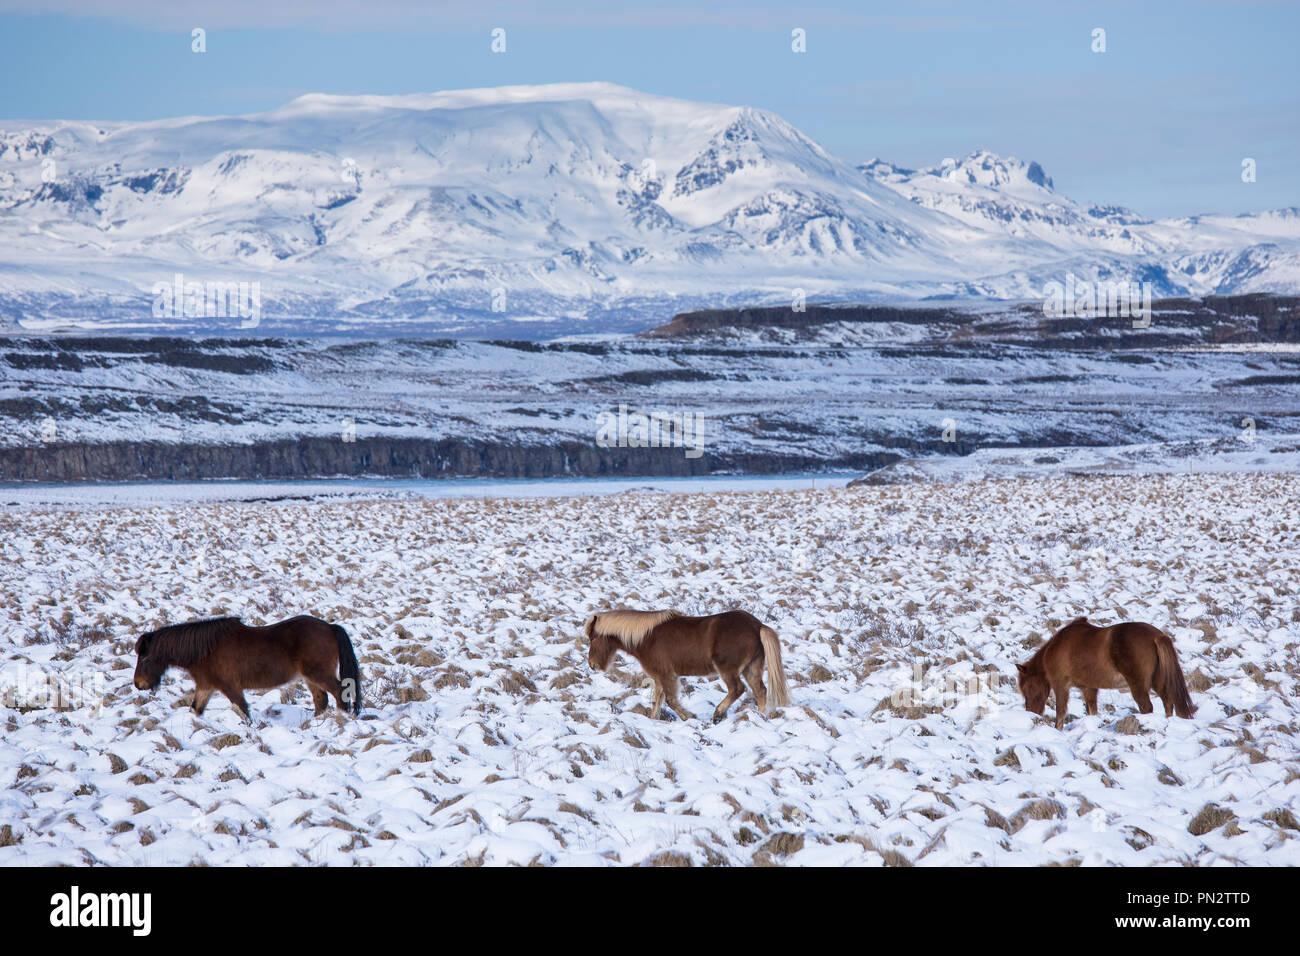 Mandria di Cavallini islandesi nel paesaggio glaciale del sud dell'Islanda a camminare in una linea fino a seguito del leader Immagini Stock